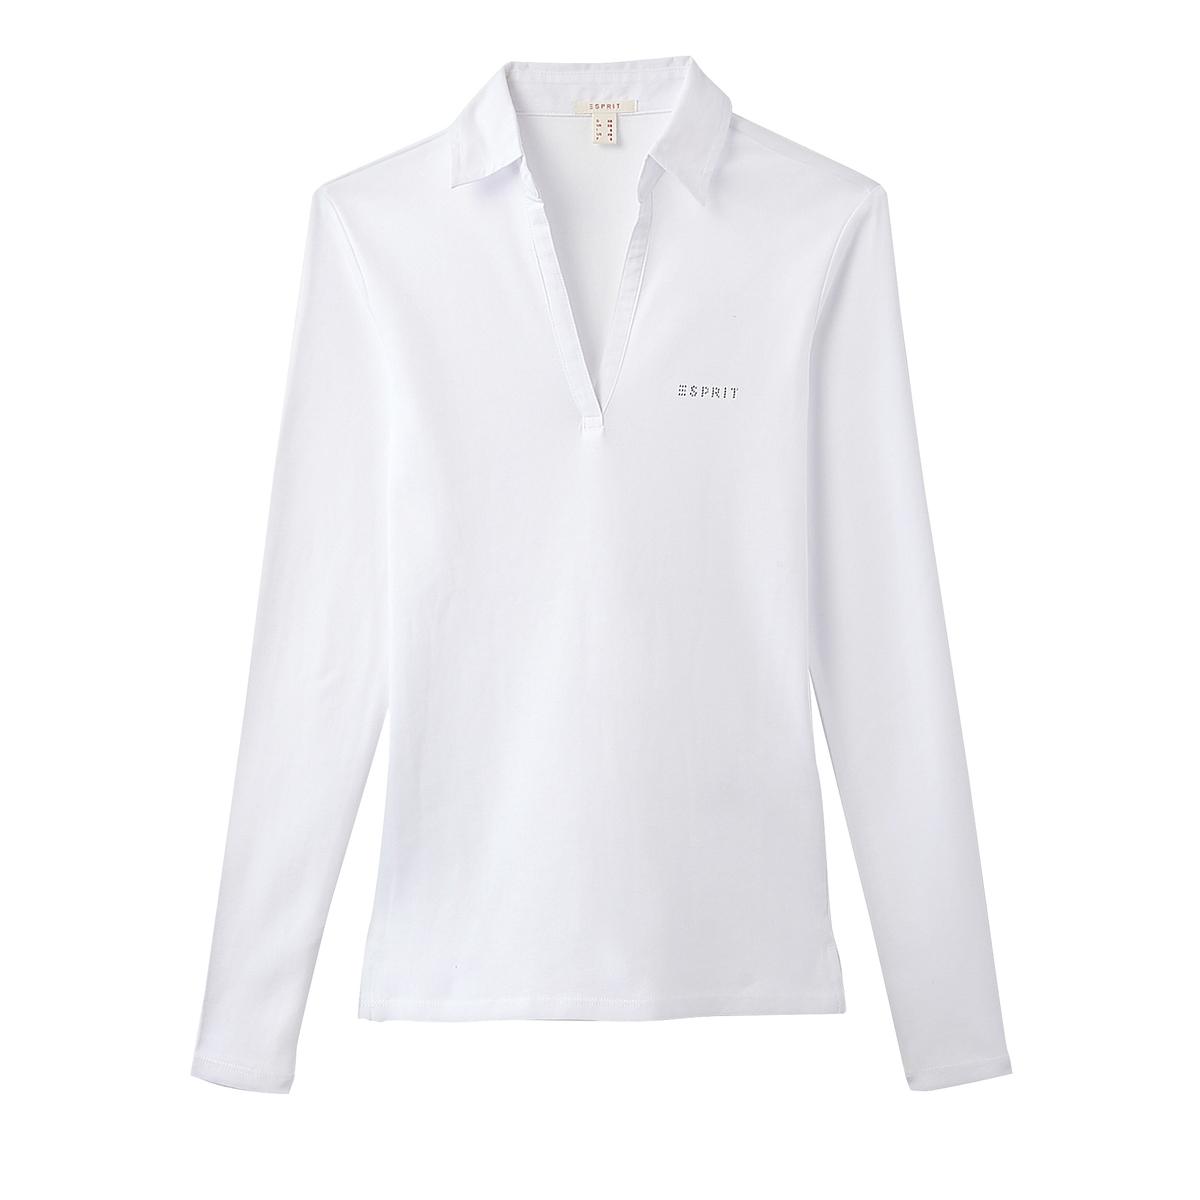 Camiseta con cuello polo, de manga larga, 100% algodón